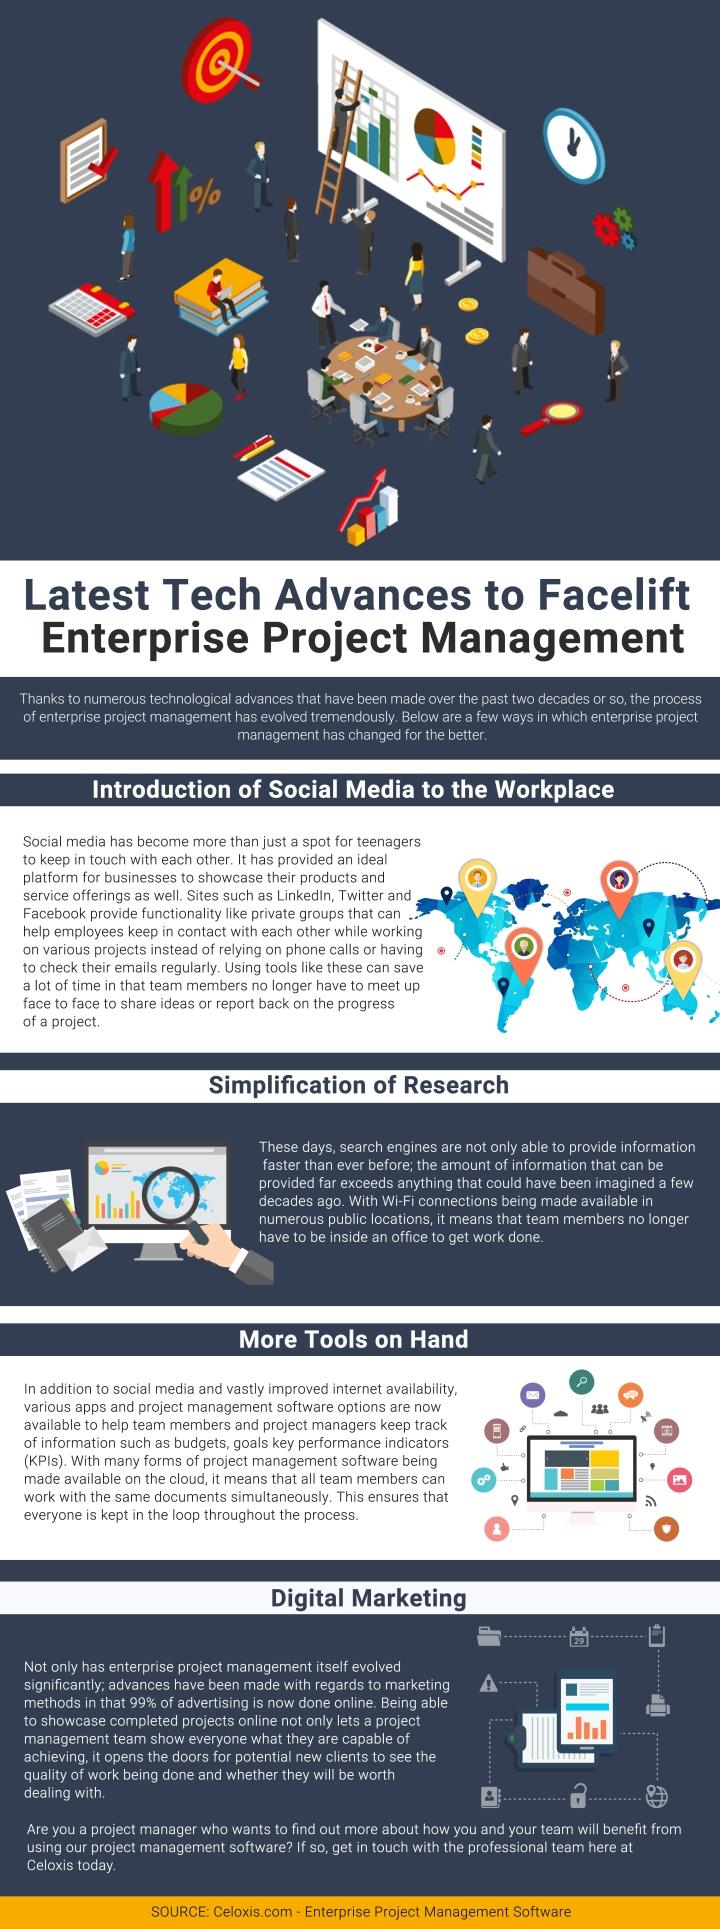 INFOGRAPHIC: Latest Technology Advances to Facelift Enterprise Project Management